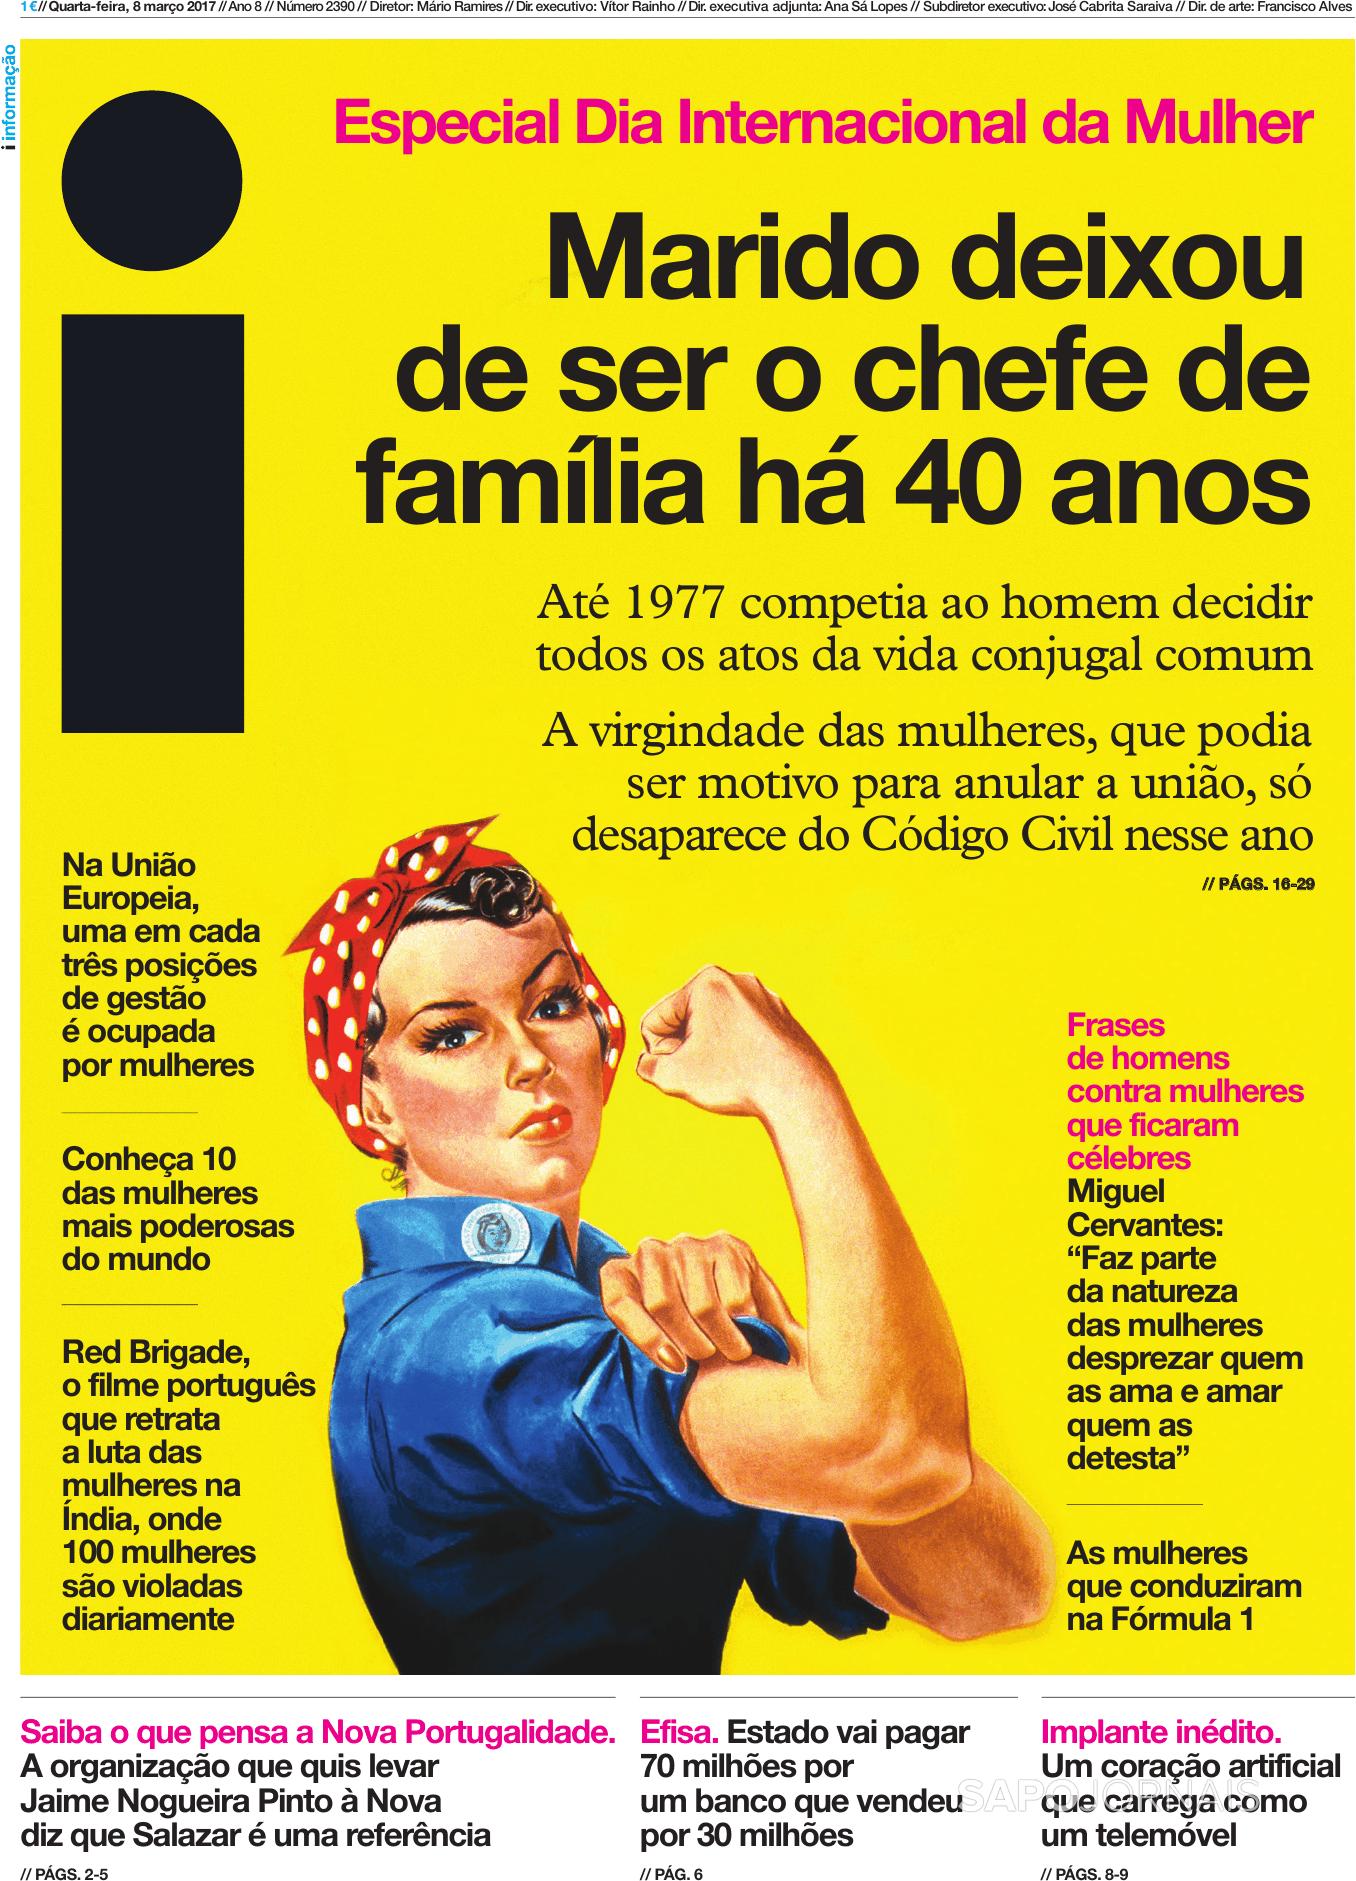 I 8 Mar 2017 Jornais E Revistas Sapo 24